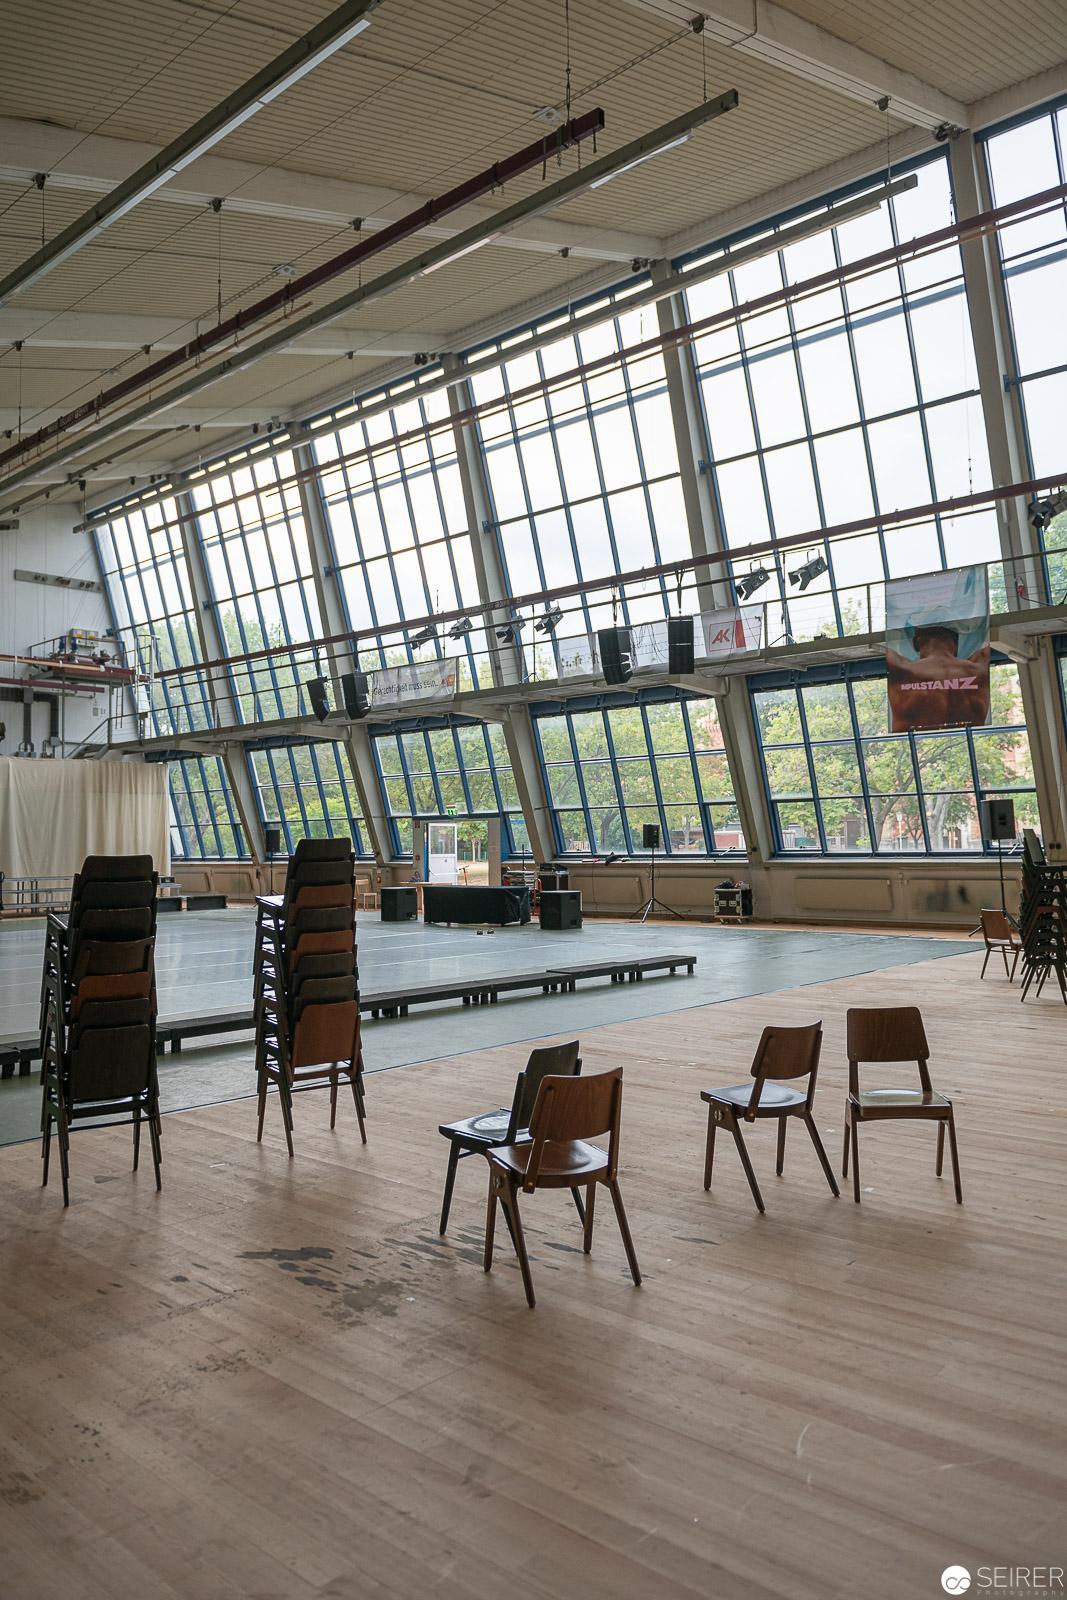 Die Vorbereitungen für den Dance Battle laufen an. Abends wird die Halle zum Bersten voll sein und Zuschauer können nur n och durch die Fenster zusehen.